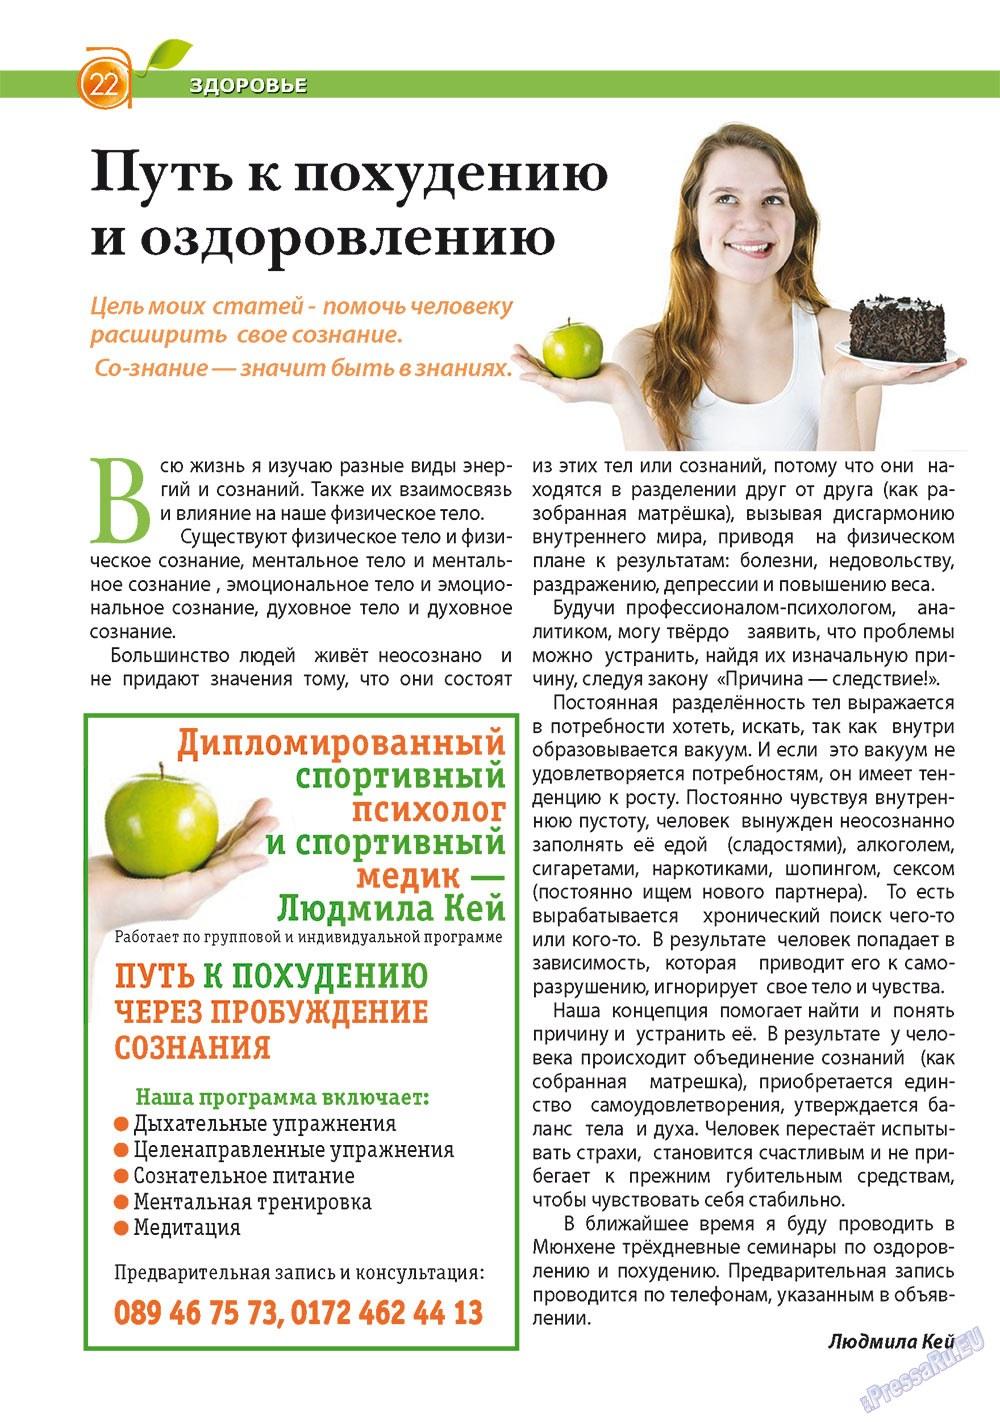 Апельсин (журнал). 2011 год, номер 25, стр. 22